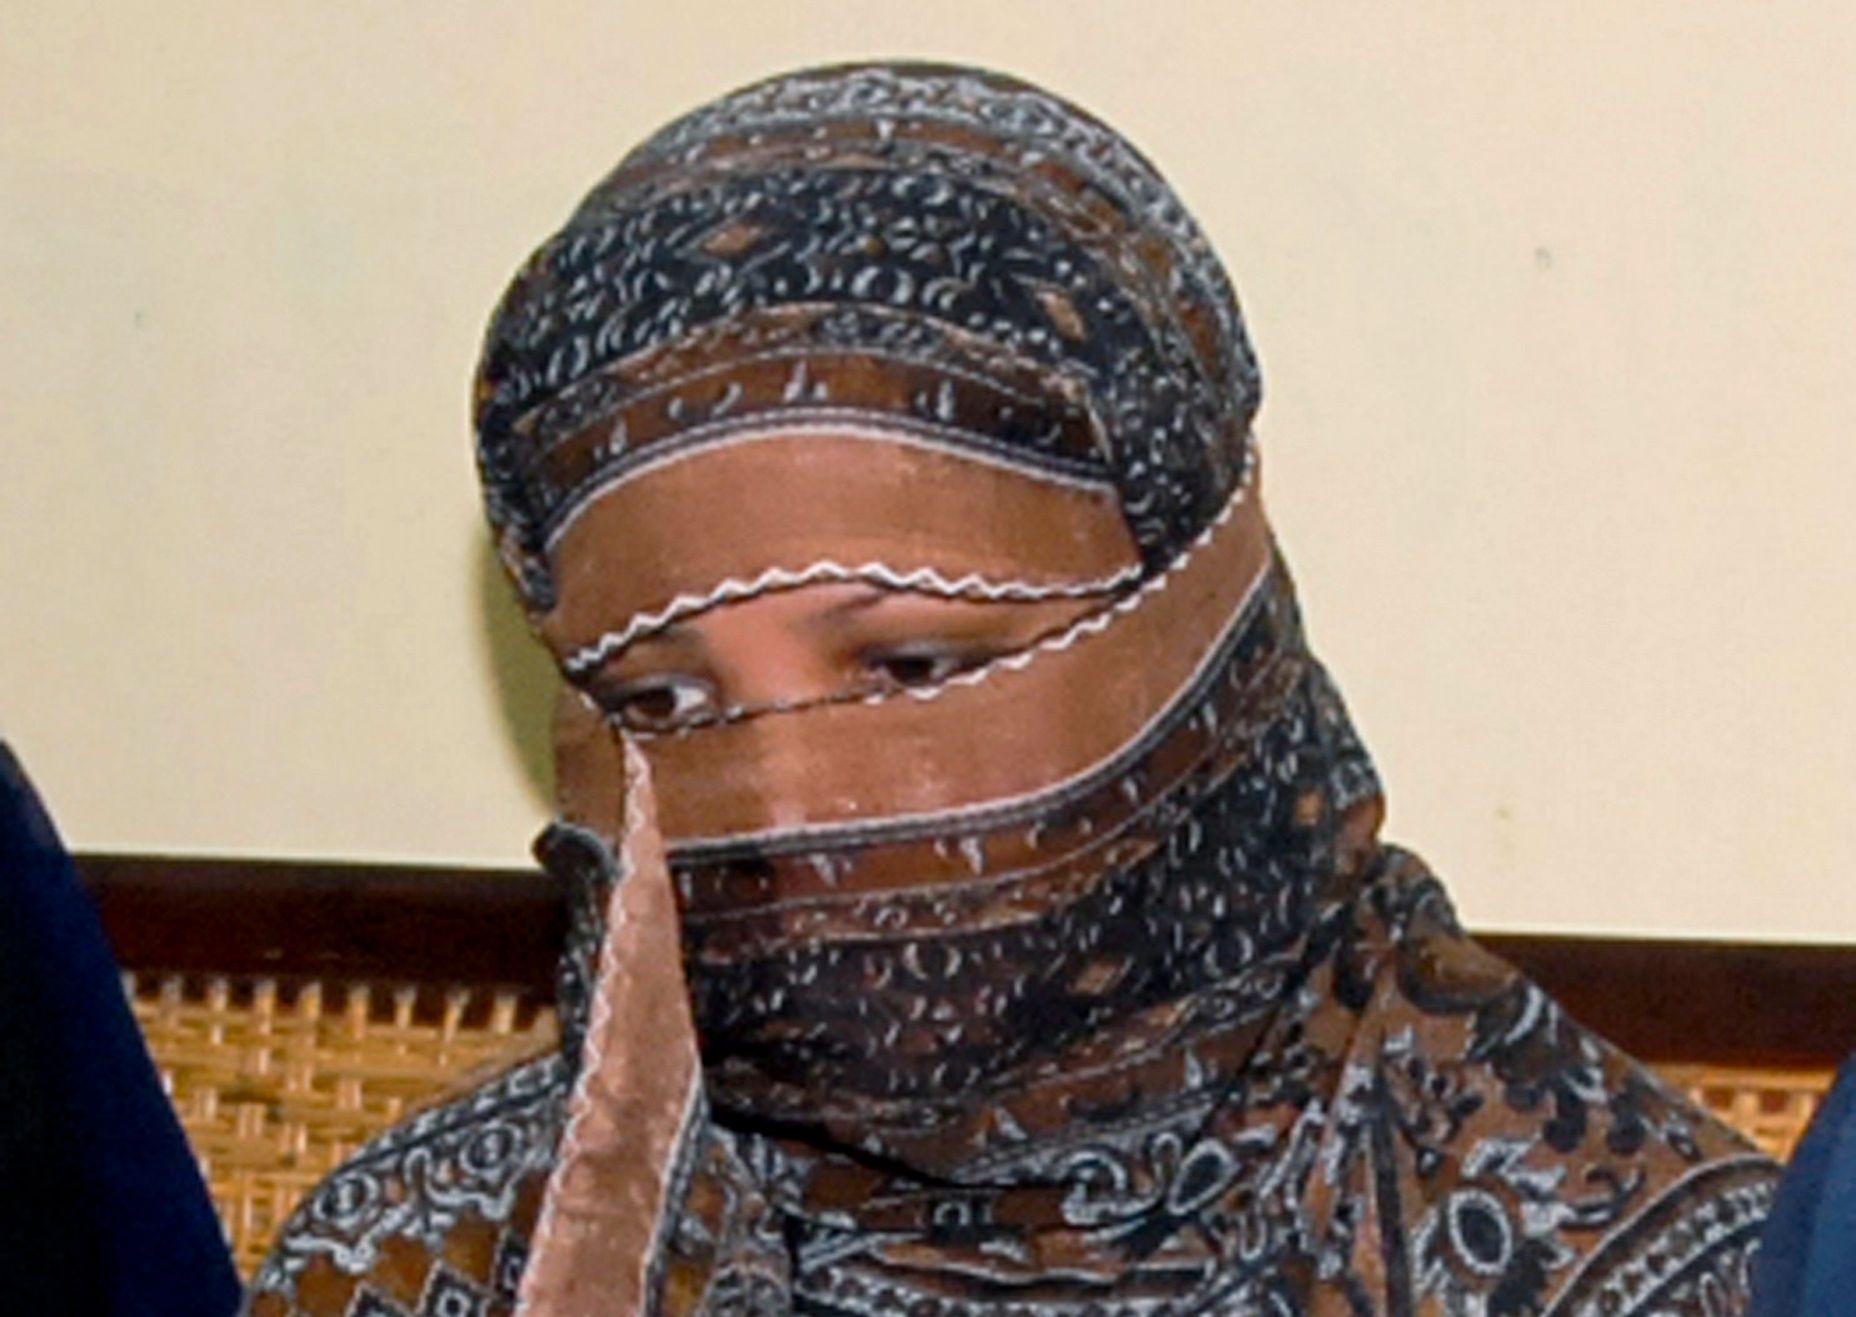 FRI, MEN: Romersk-katolske Asia Bibi fra Punjab i Pakistan er løslatt etter ni år i fengsel og frikjent for blasfemi. Det har utløst voldelige opptøyer blant muslimer i Pakistan.